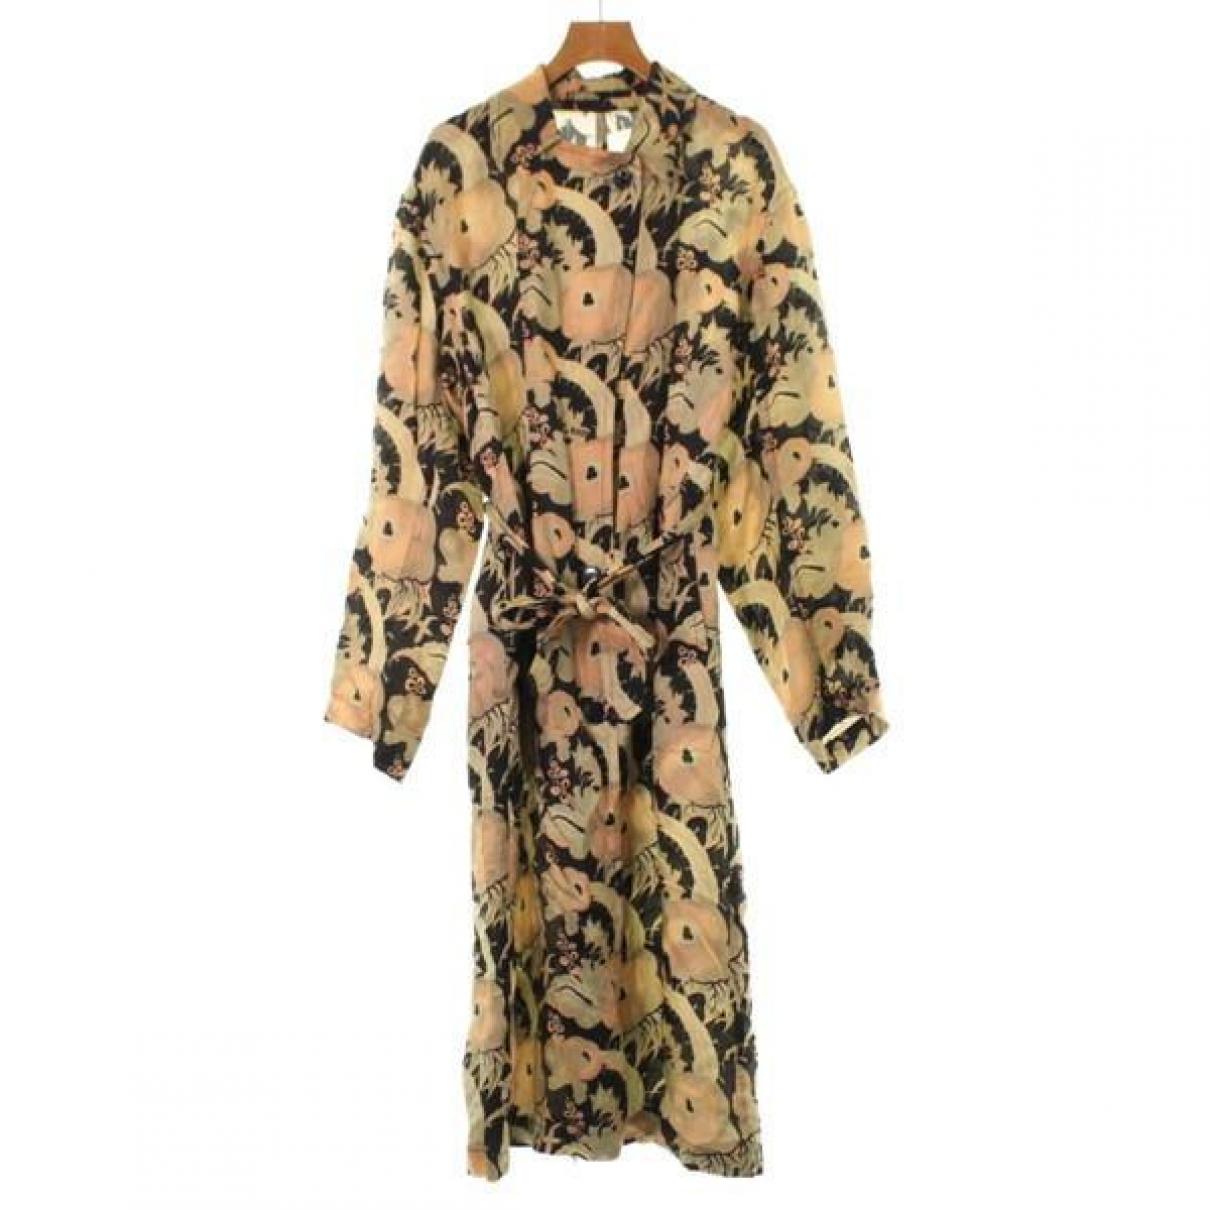 Dries Van Noten - Manteau   pour femme - multicolore